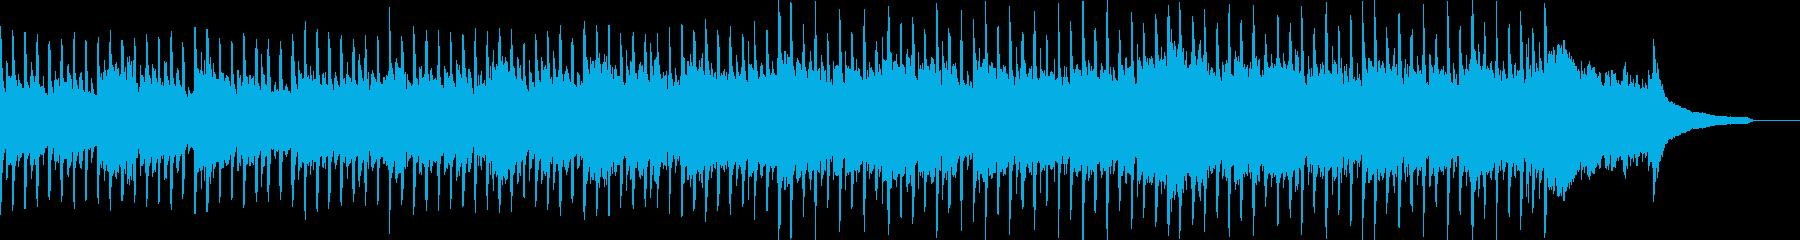 企業VP系51、爽やかピアノ4つ打ちbの再生済みの波形